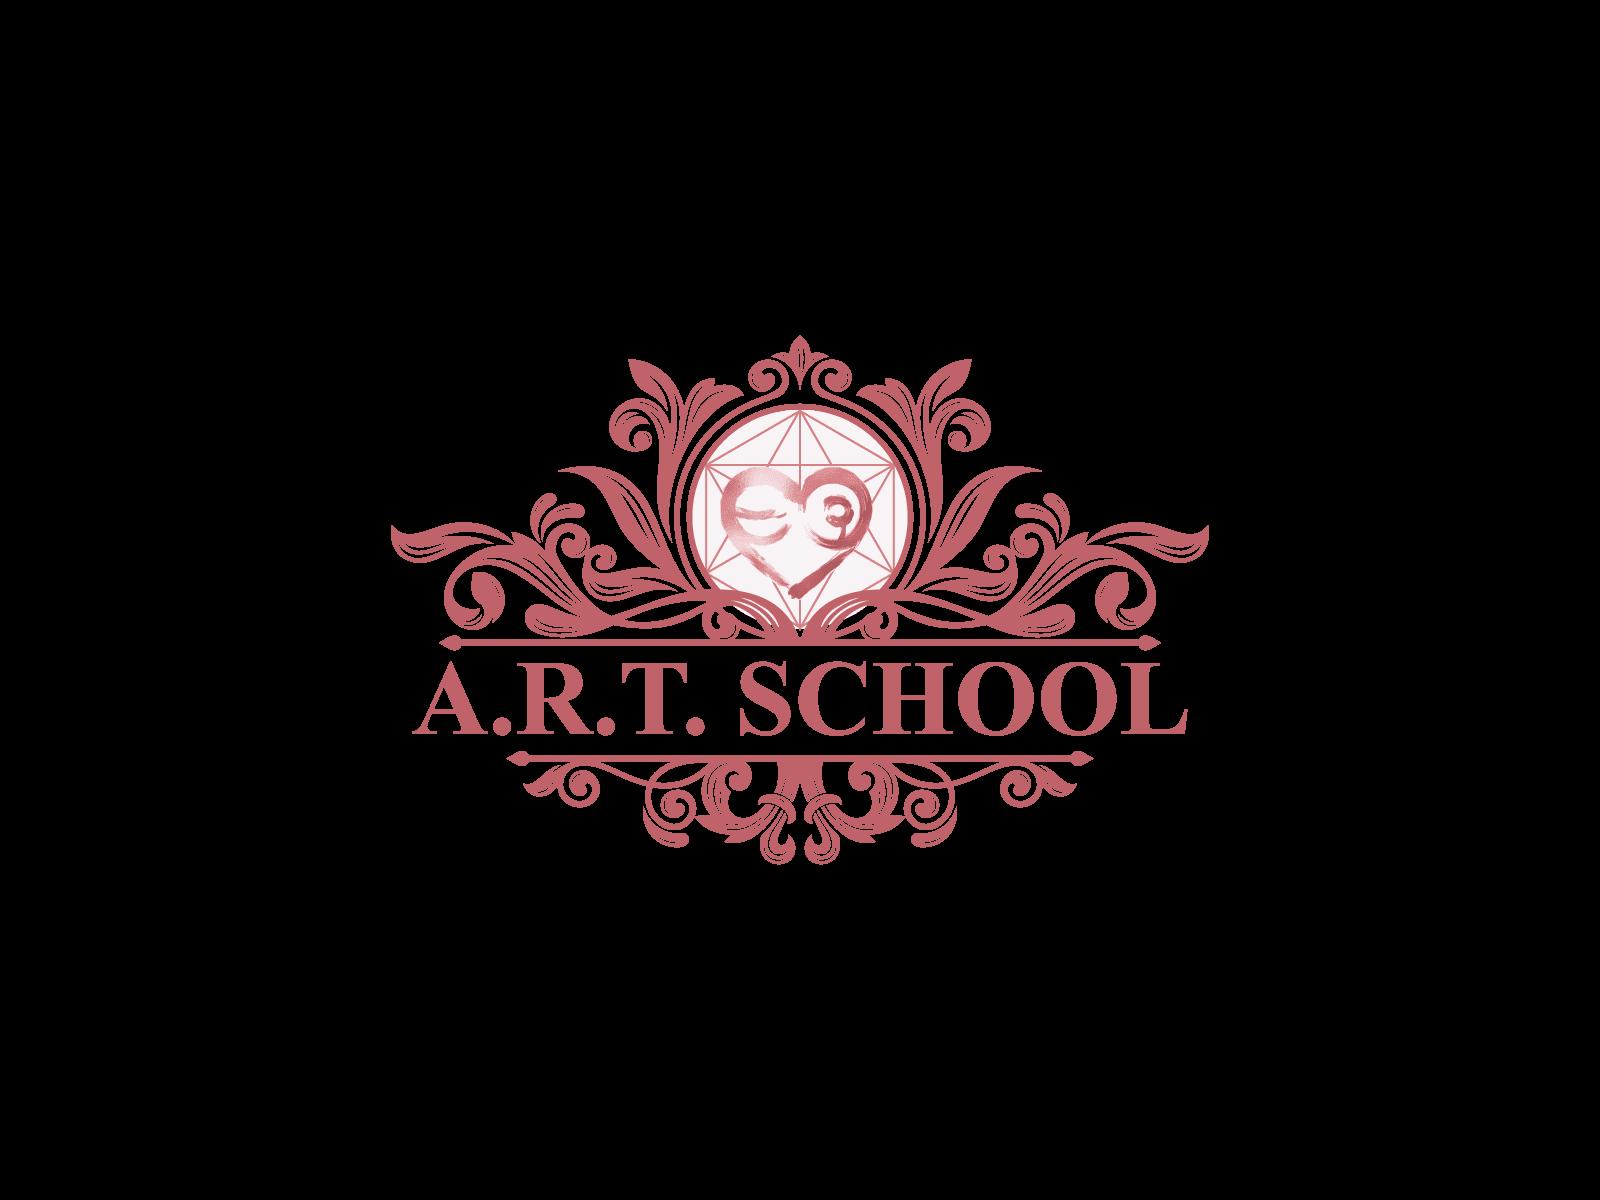 A.R.T.SCHOOL